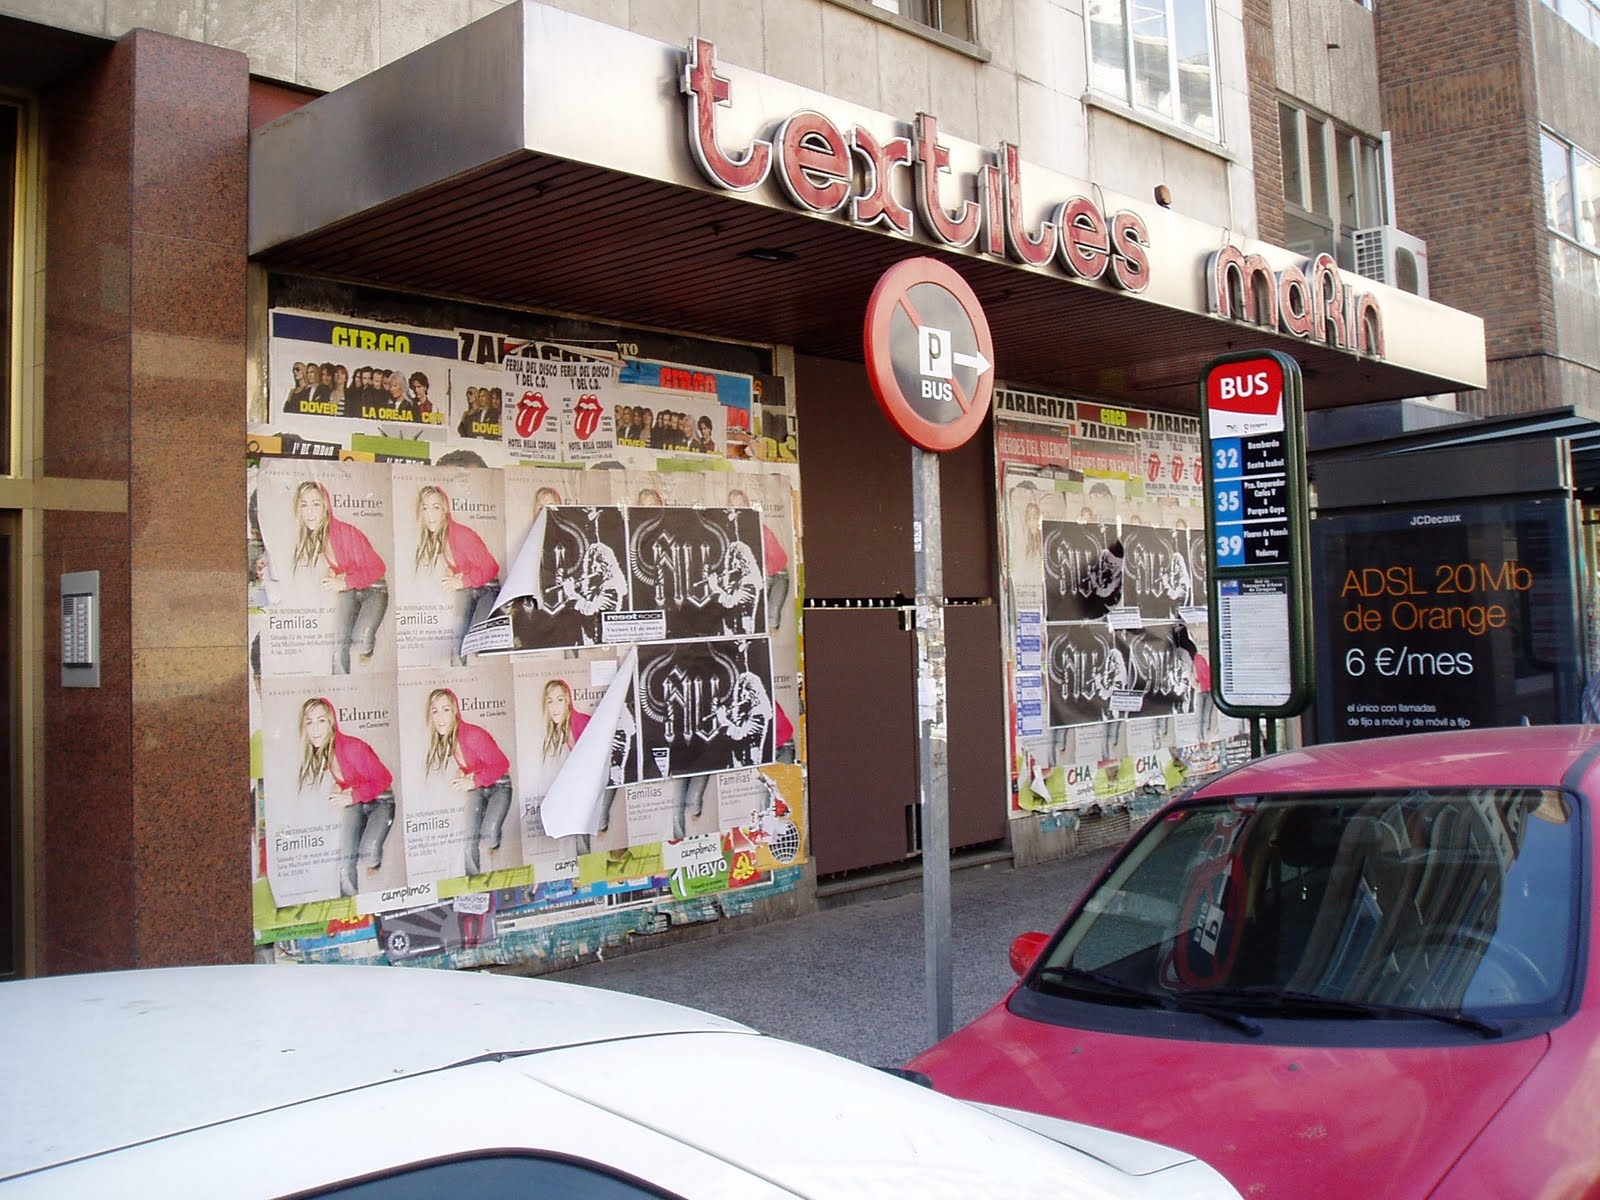 El blog de Zaragoza: BAÑOS JUDIOS, una buena actuación